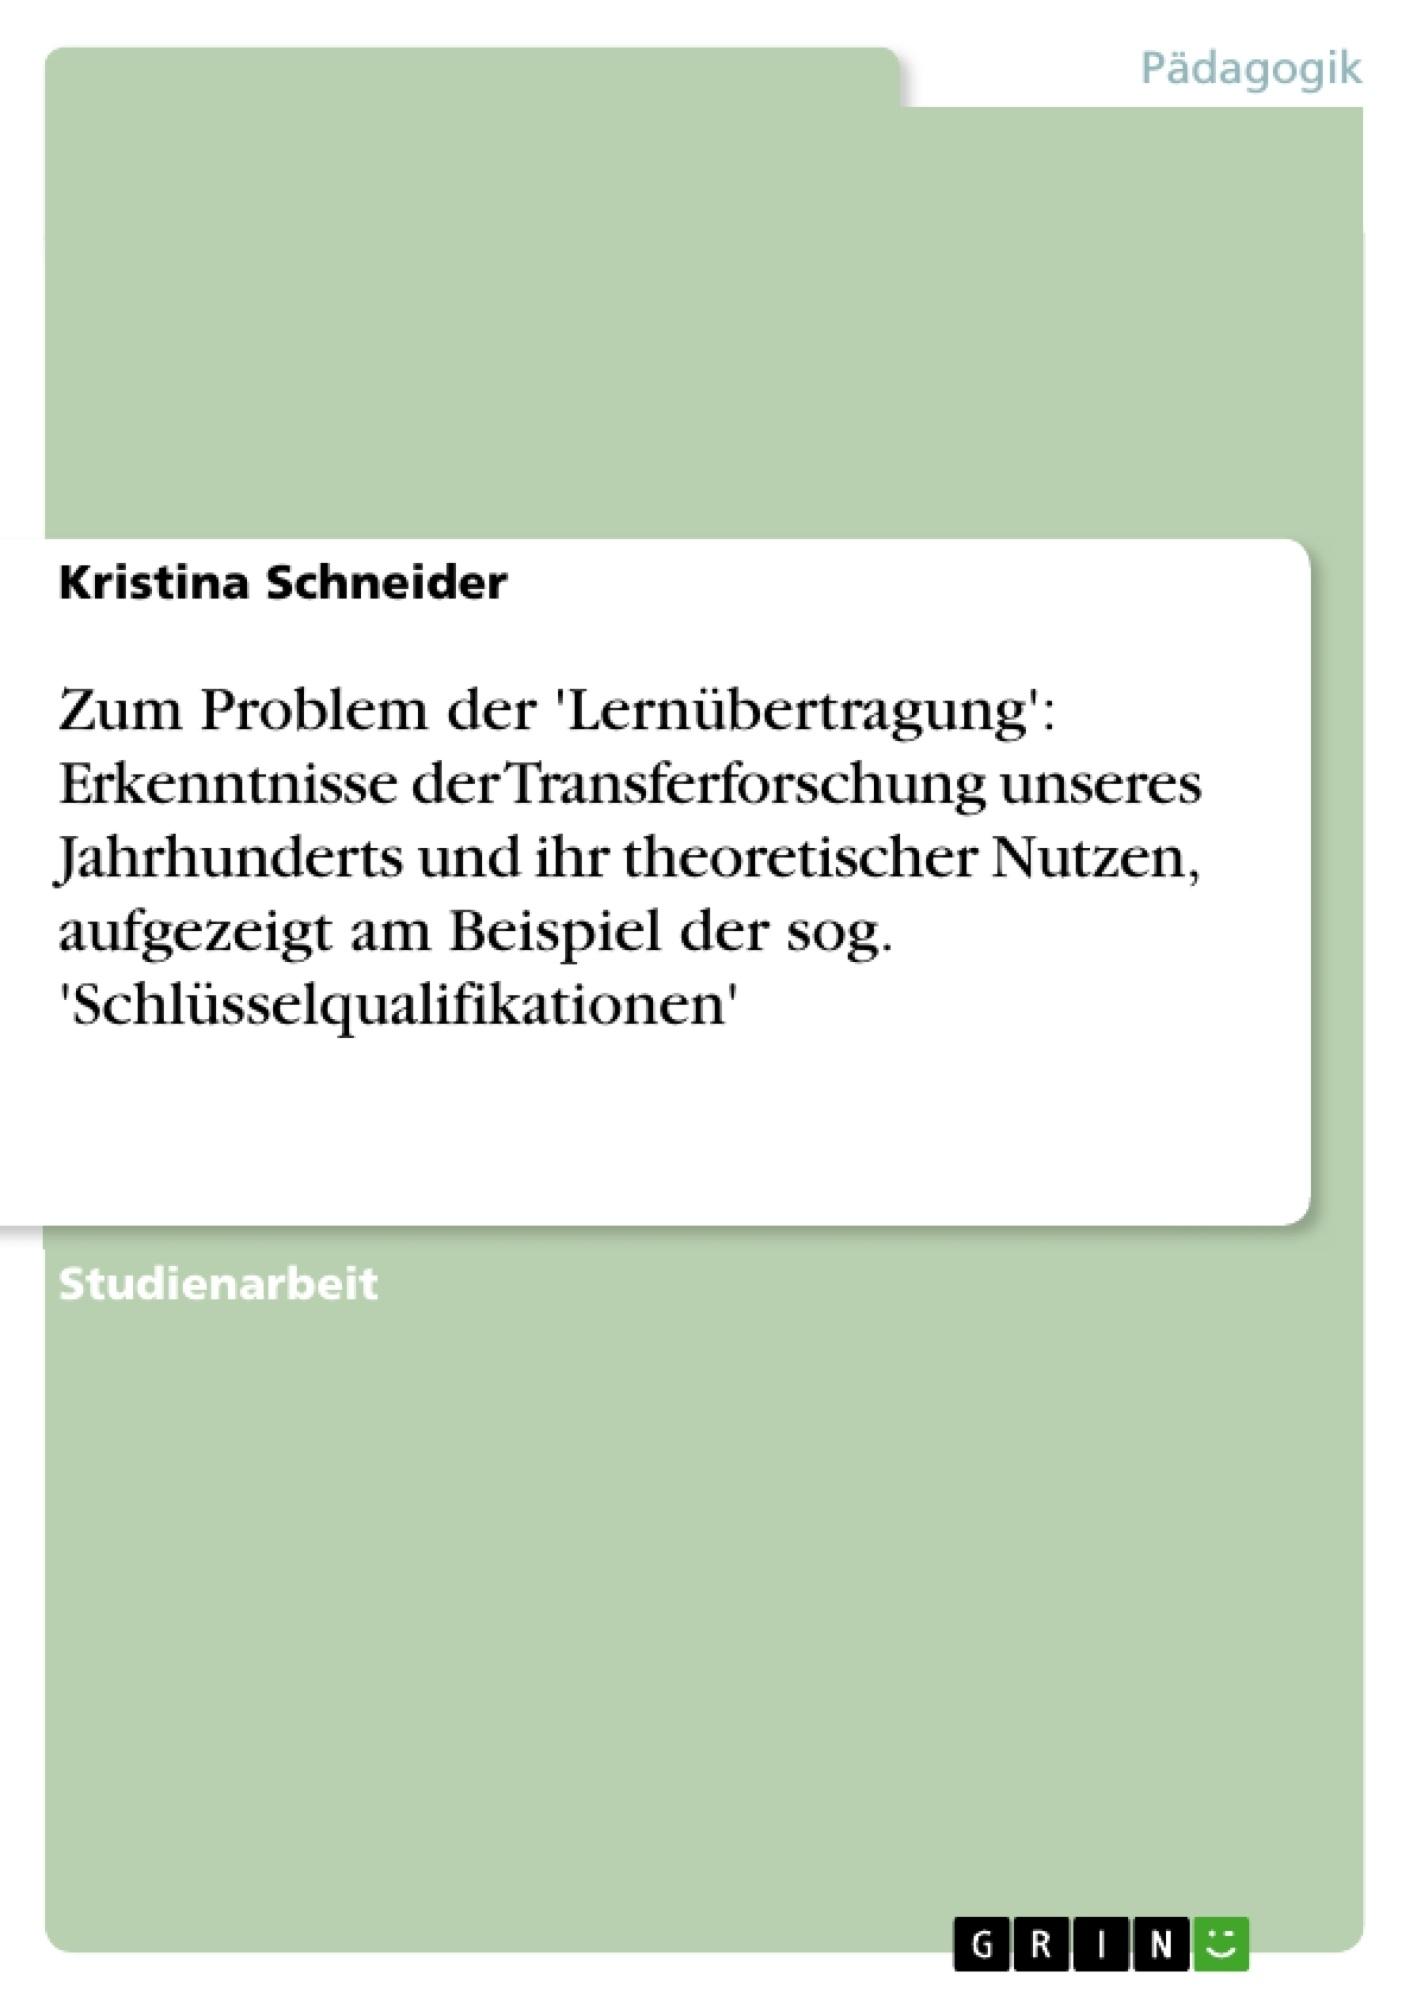 Titel: Zum Problem der 'Lernübertragung': Erkenntnisse der Transferforschung unseres Jahrhunderts und ihr theoretischer Nutzen, aufgezeigt am Beispiel der sog. 'Schlüsselqualifikationen'